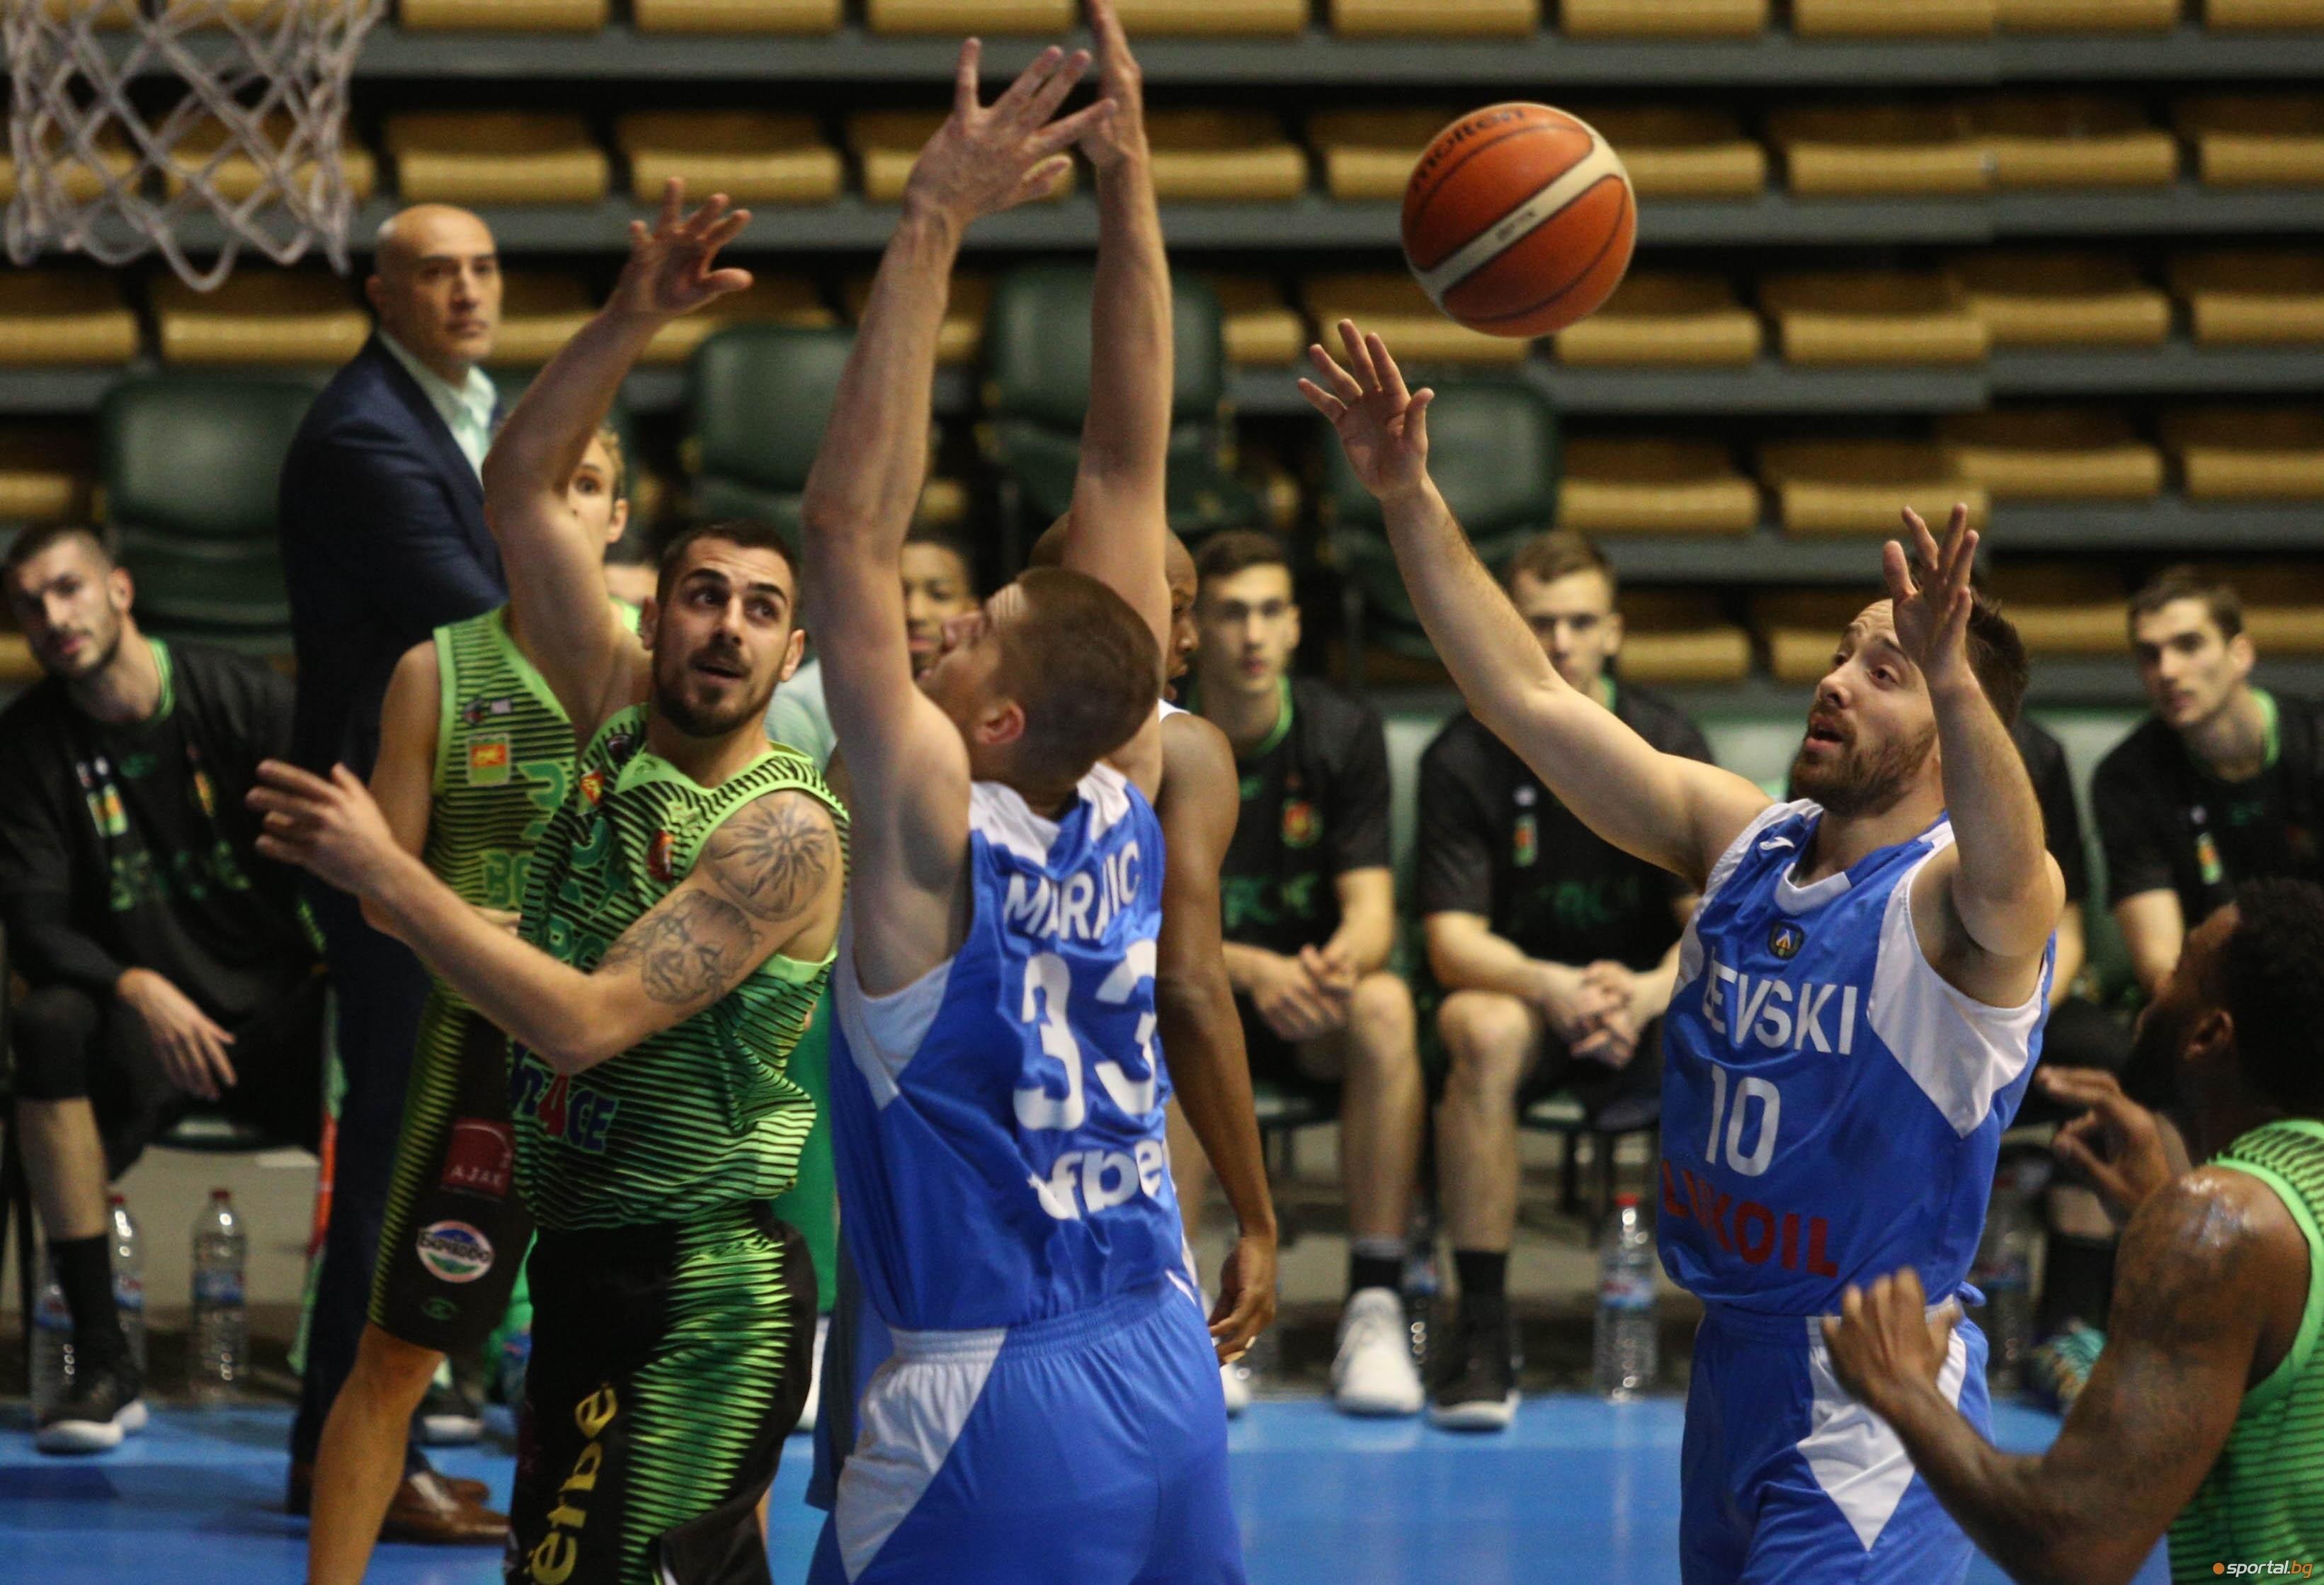 Дисциплинарно-административният съвет (ДАС) на Националната баскетболна лига (НБЛ) наложи глоби